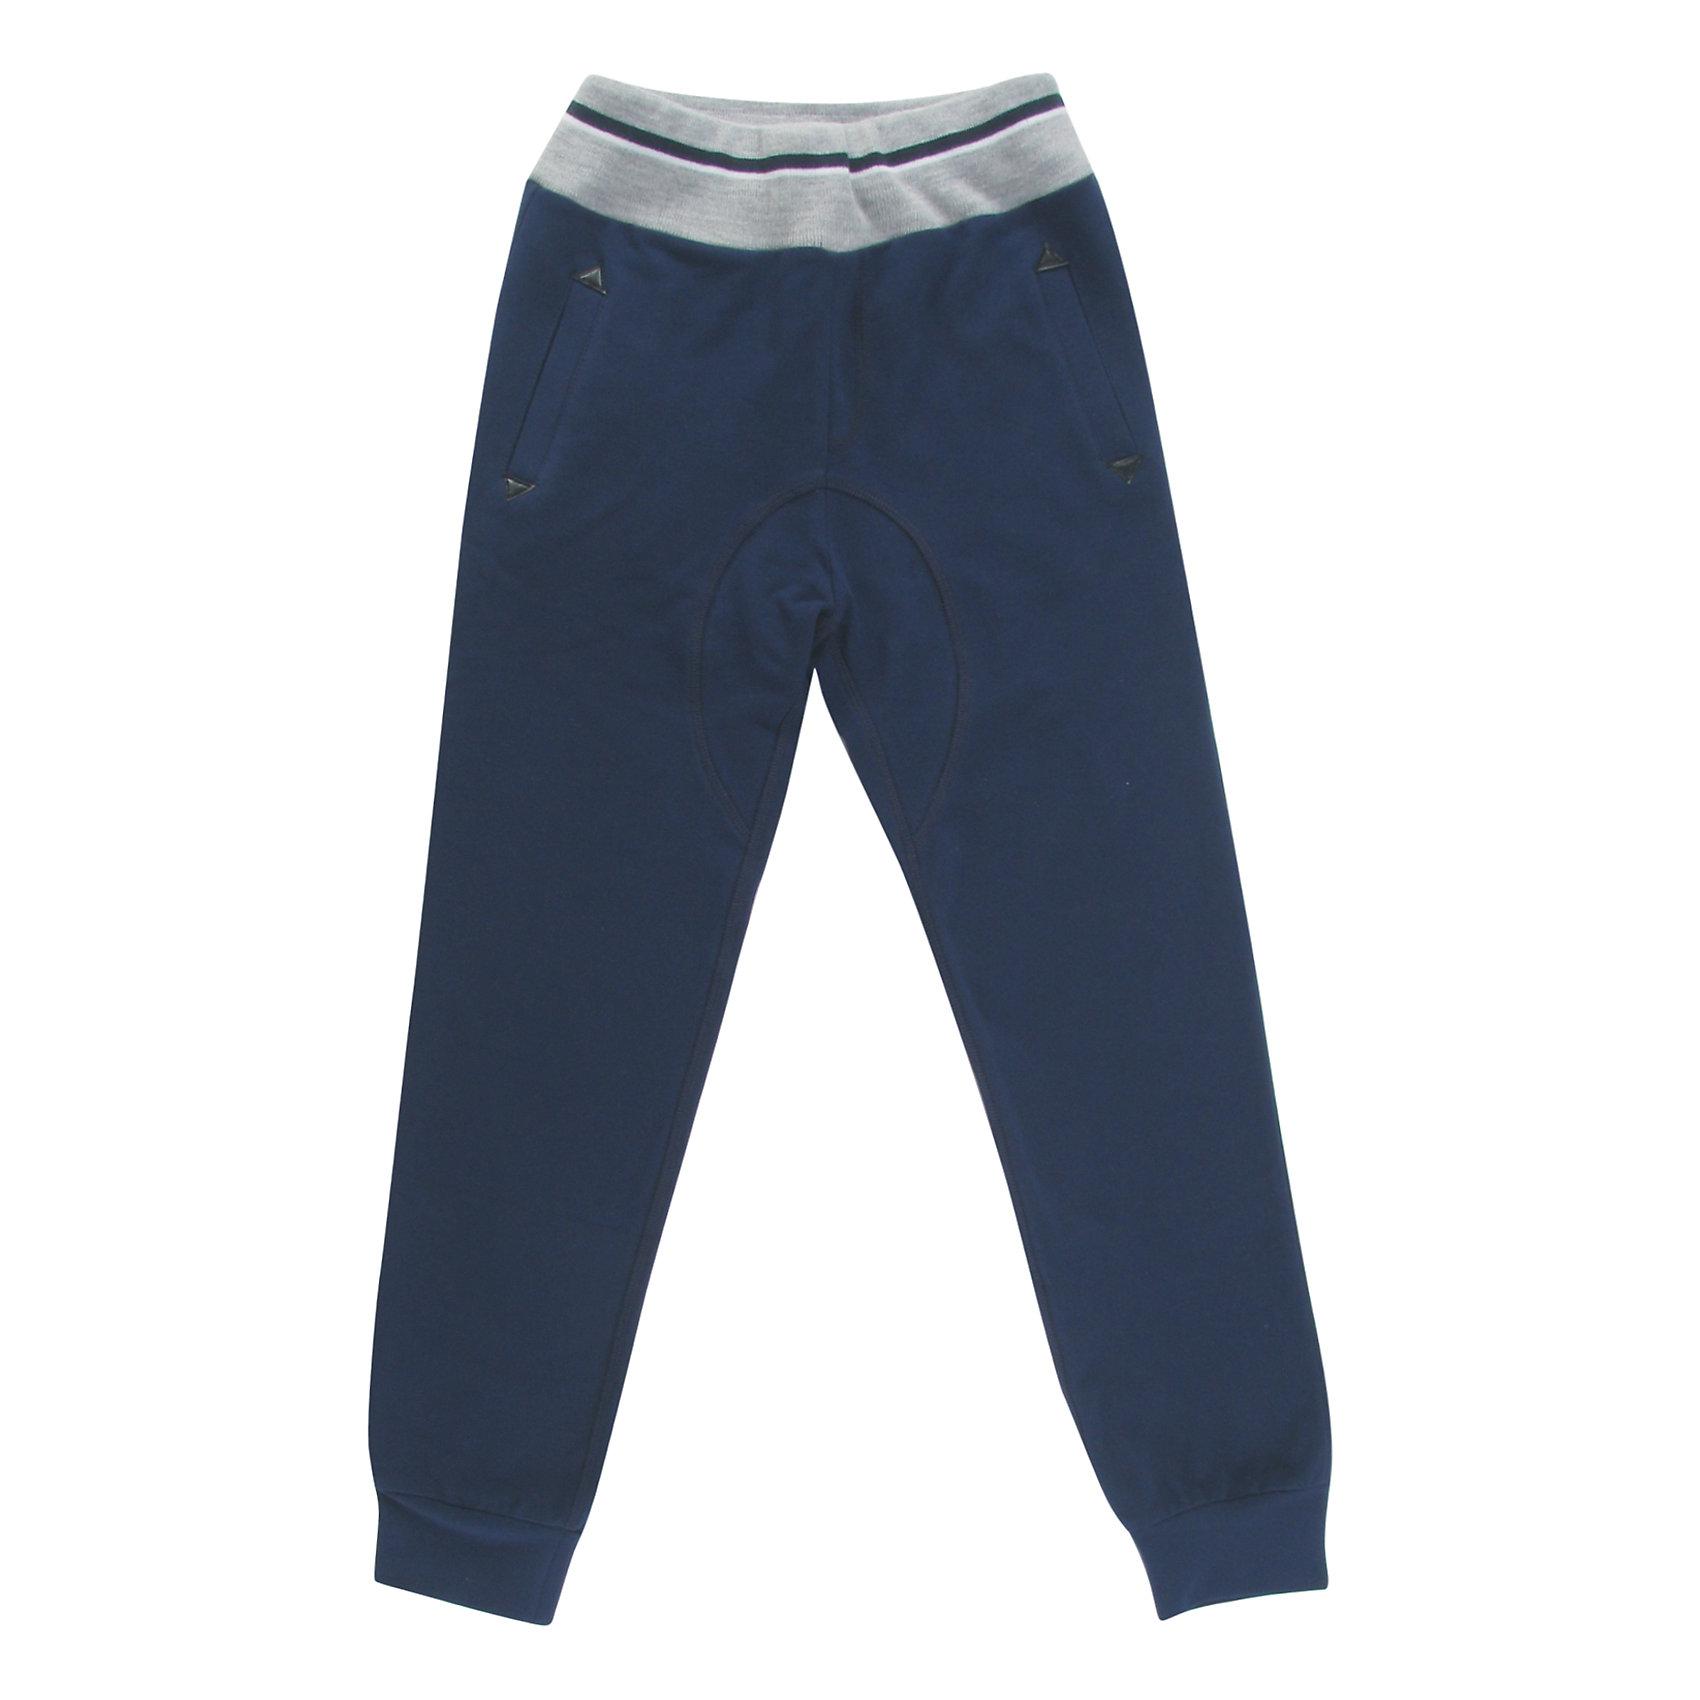 Спортивные штаны для мальчика WojcikБрюки<br>Спортивные штаны для мальчика Wojcik<br>Состав:<br>Хлопок 97% Эластан 3%<br><br>Ширина мм: 215<br>Глубина мм: 88<br>Высота мм: 191<br>Вес г: 336<br>Цвет: полуночно-синий<br>Возраст от месяцев: 144<br>Возраст до месяцев: 156<br>Пол: Мужской<br>Возраст: Детский<br>Размер: 158,128,134,140,146,152<br>SKU: 5592294